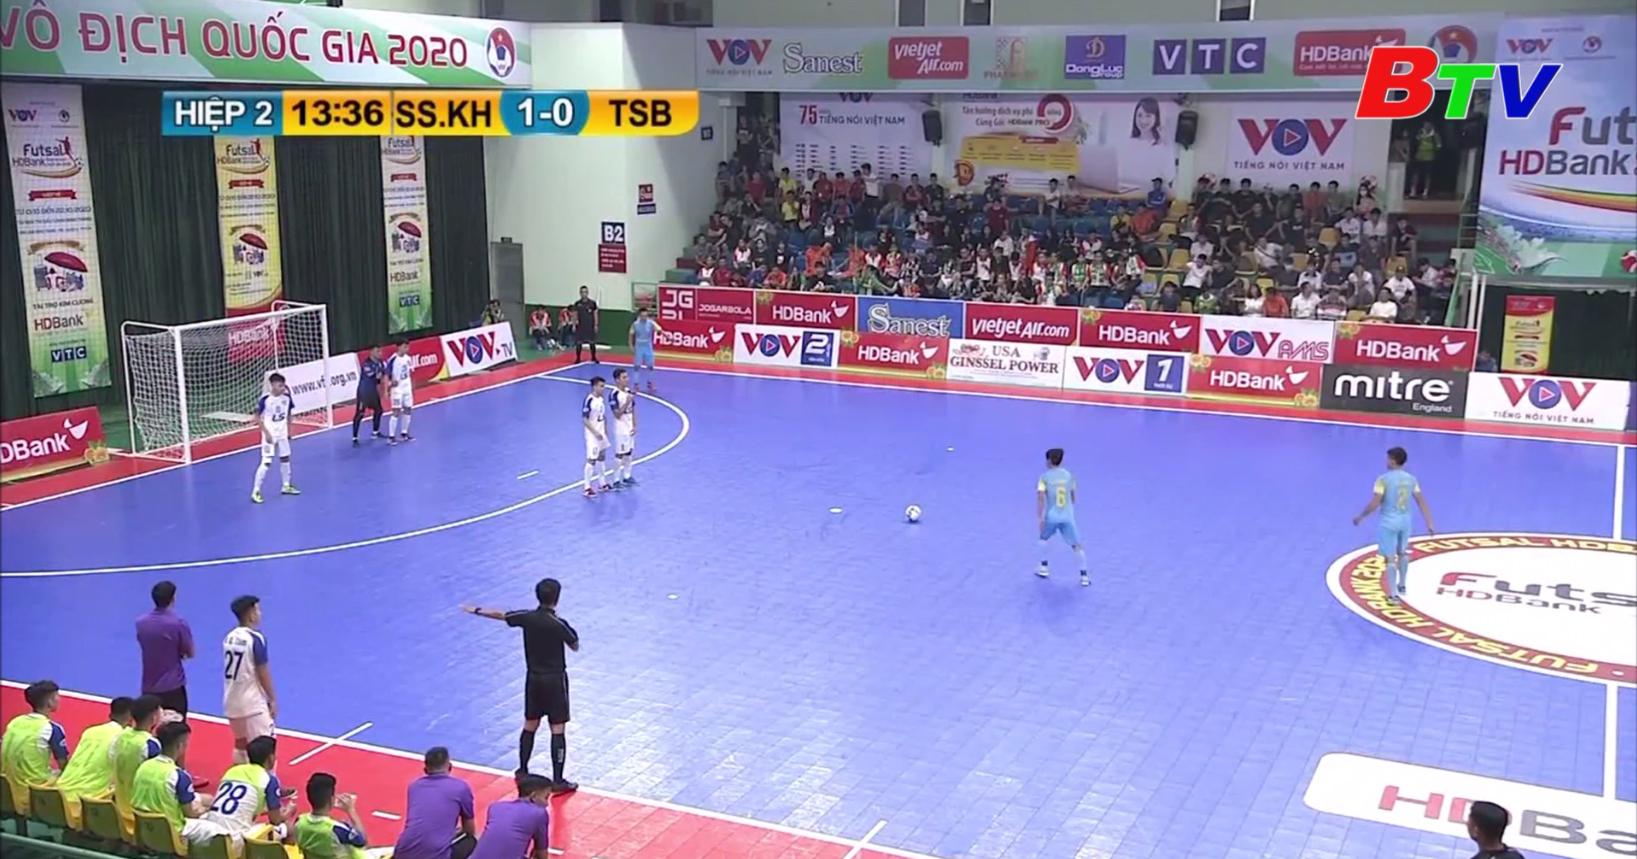 Kết thúc Vòng chung kết Giải Futsal vô địch Quốc gia 2020